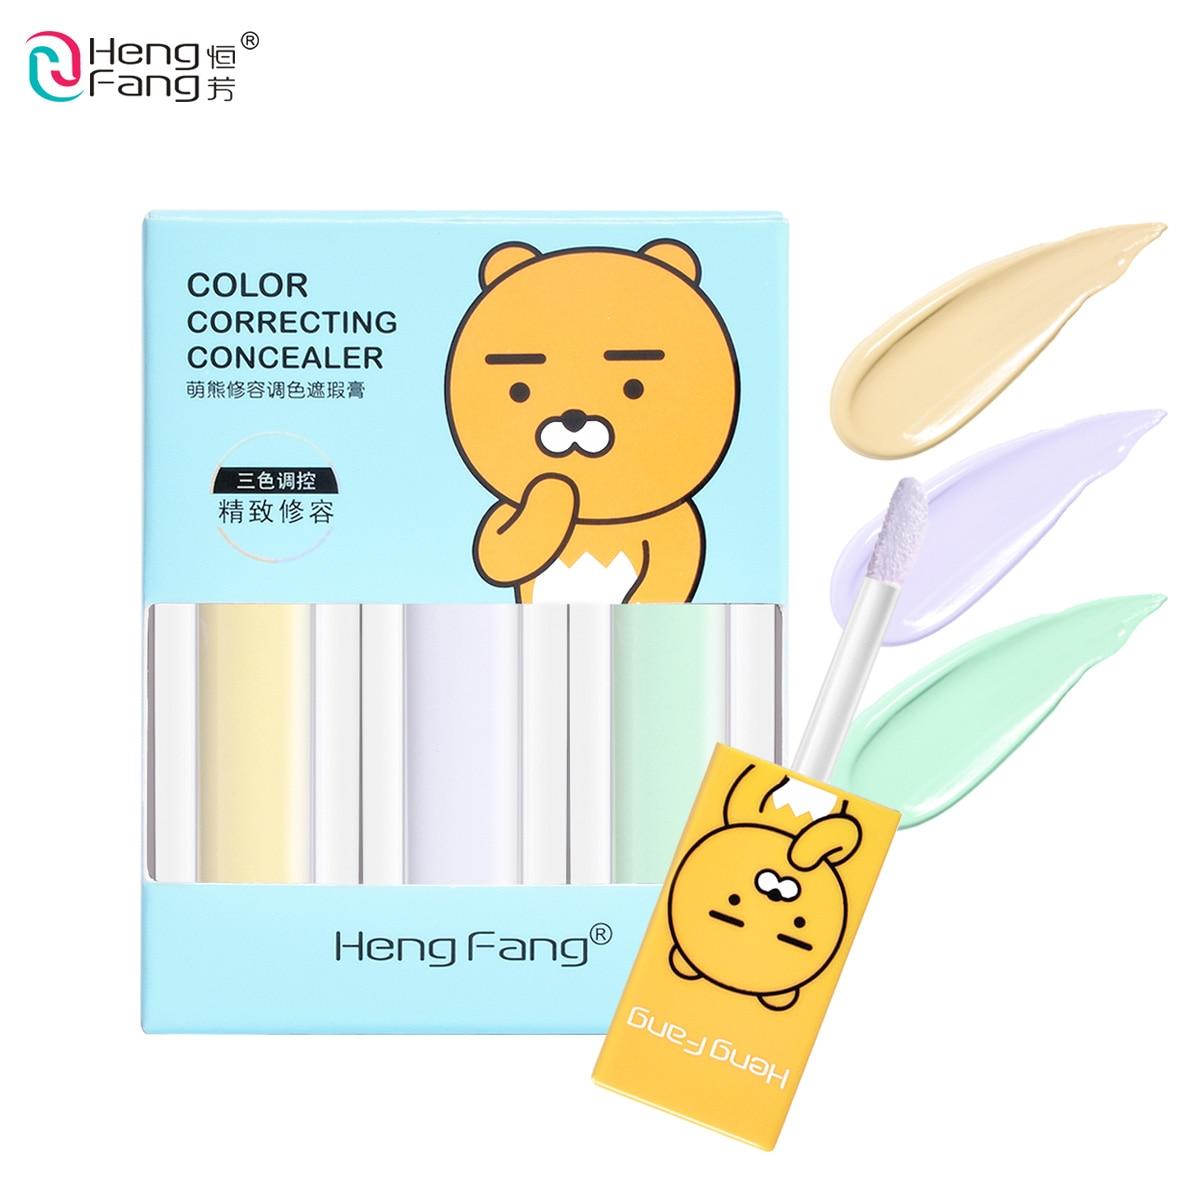 3 teile/satz Farbe Korrektur Concealer Creme Abdeckung Verschiedene Fehler 3 Farben 5.5gx3 Make-Up Marke HengFang # H8476